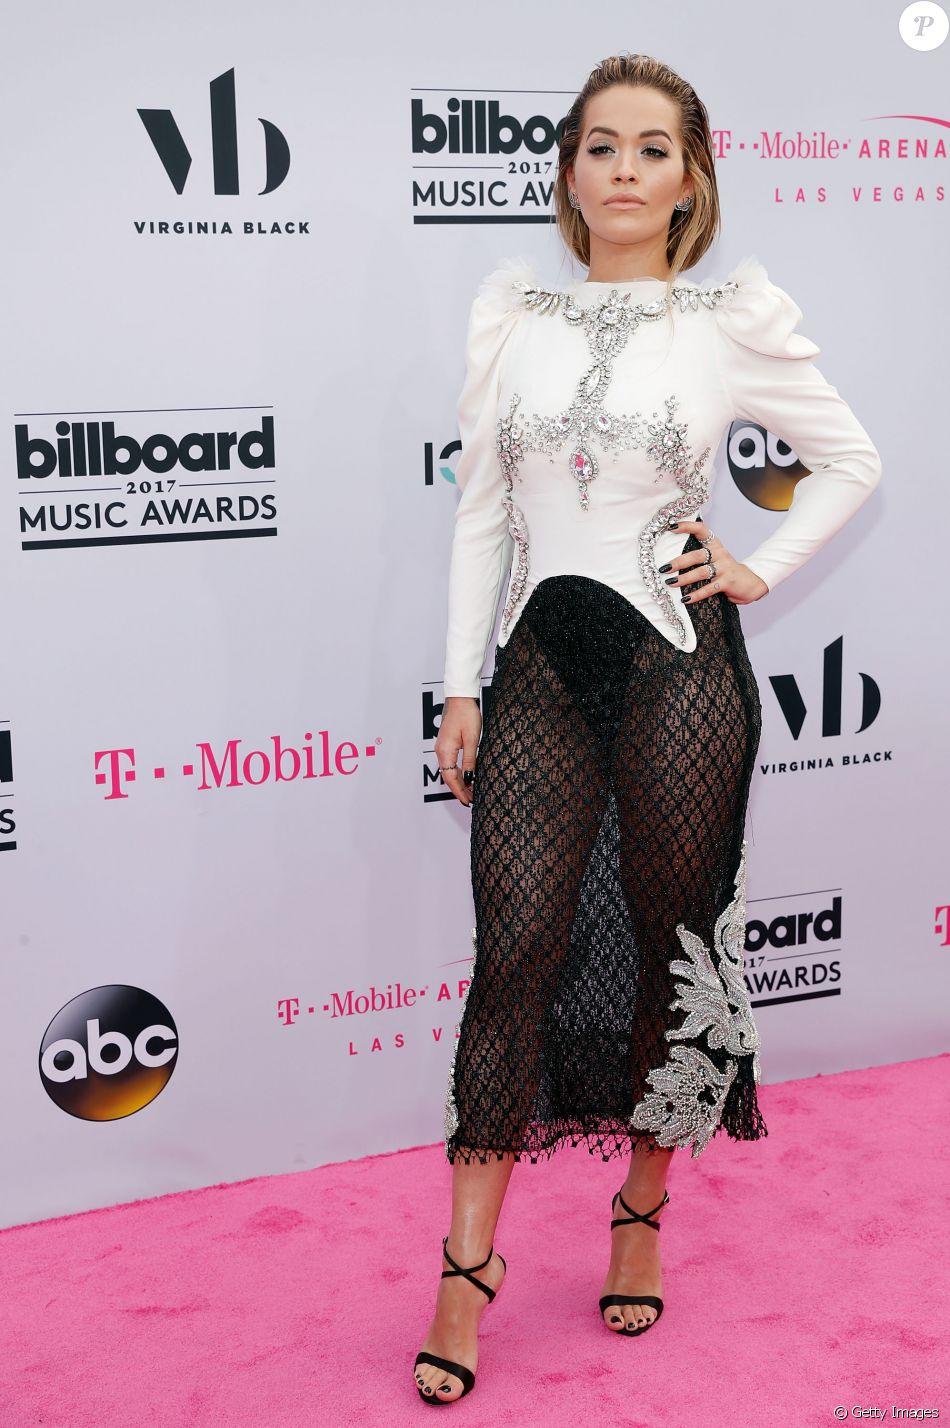 Rita Ora ousou com o look Francesco Scognamiglio e joias Lorraine Schwartz na 25ª edição do Billboard Music Awards, realizada no T-Mobile Arena, em Las Vegas, Estados Unidos, neste domingo, 21 de maio de 2017